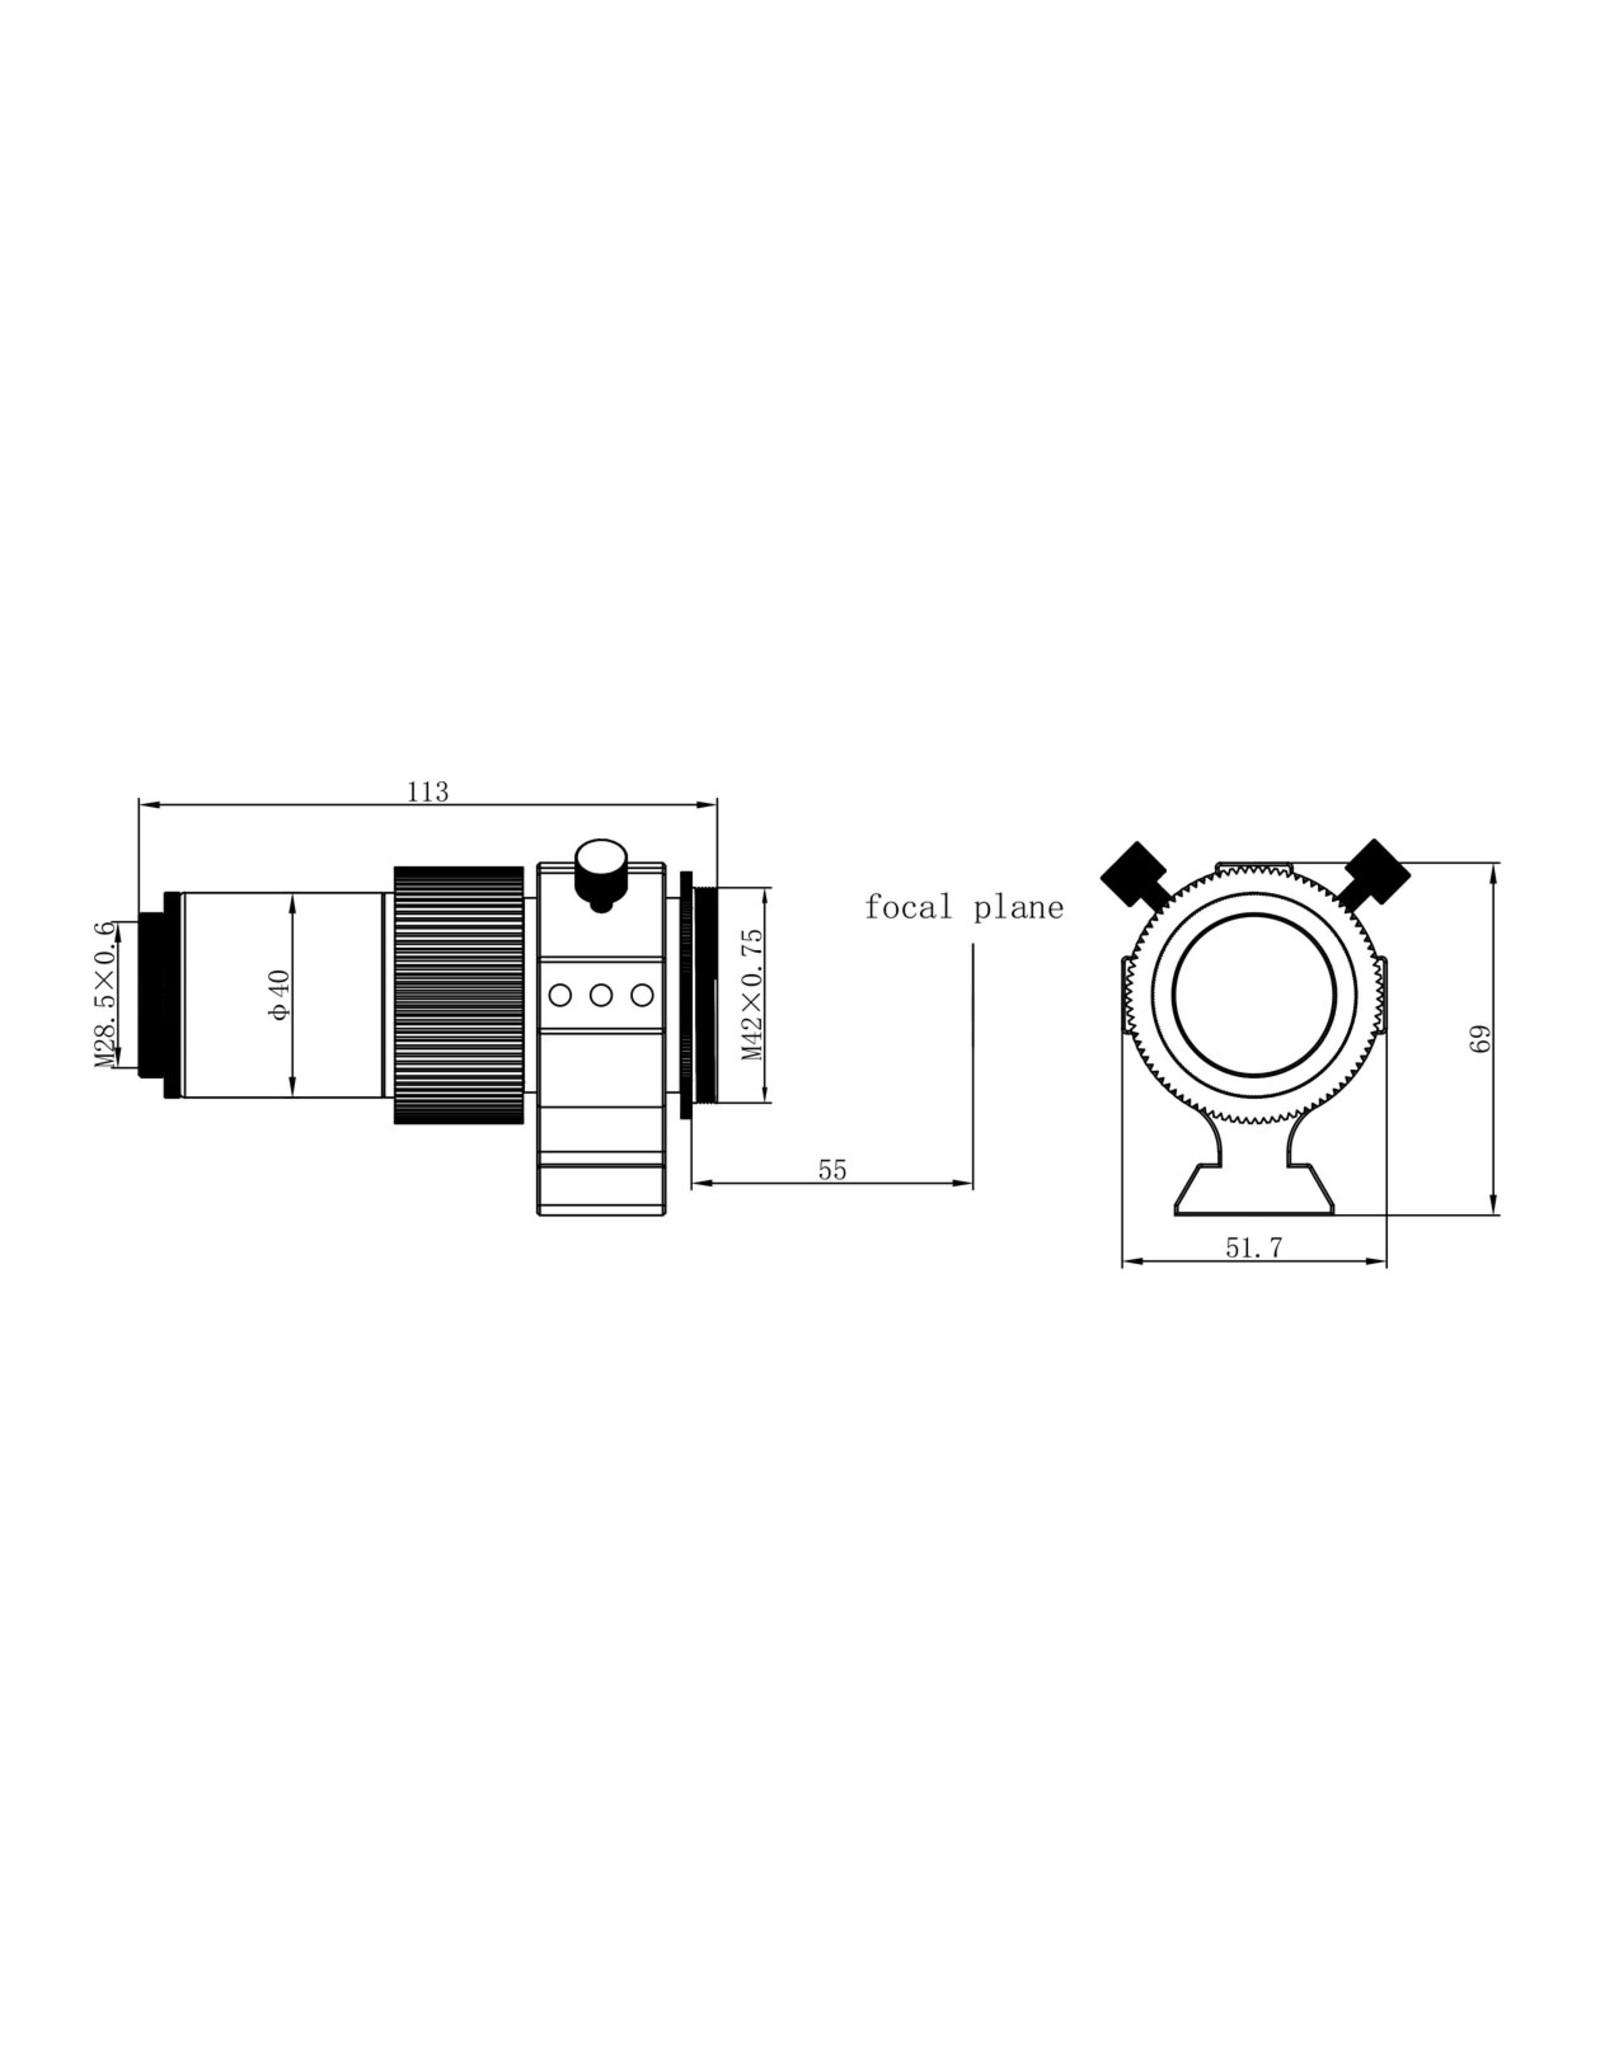 Askar Askar 30mm f/4.5 Triplet Apo Lens / Guidescope - FMA135